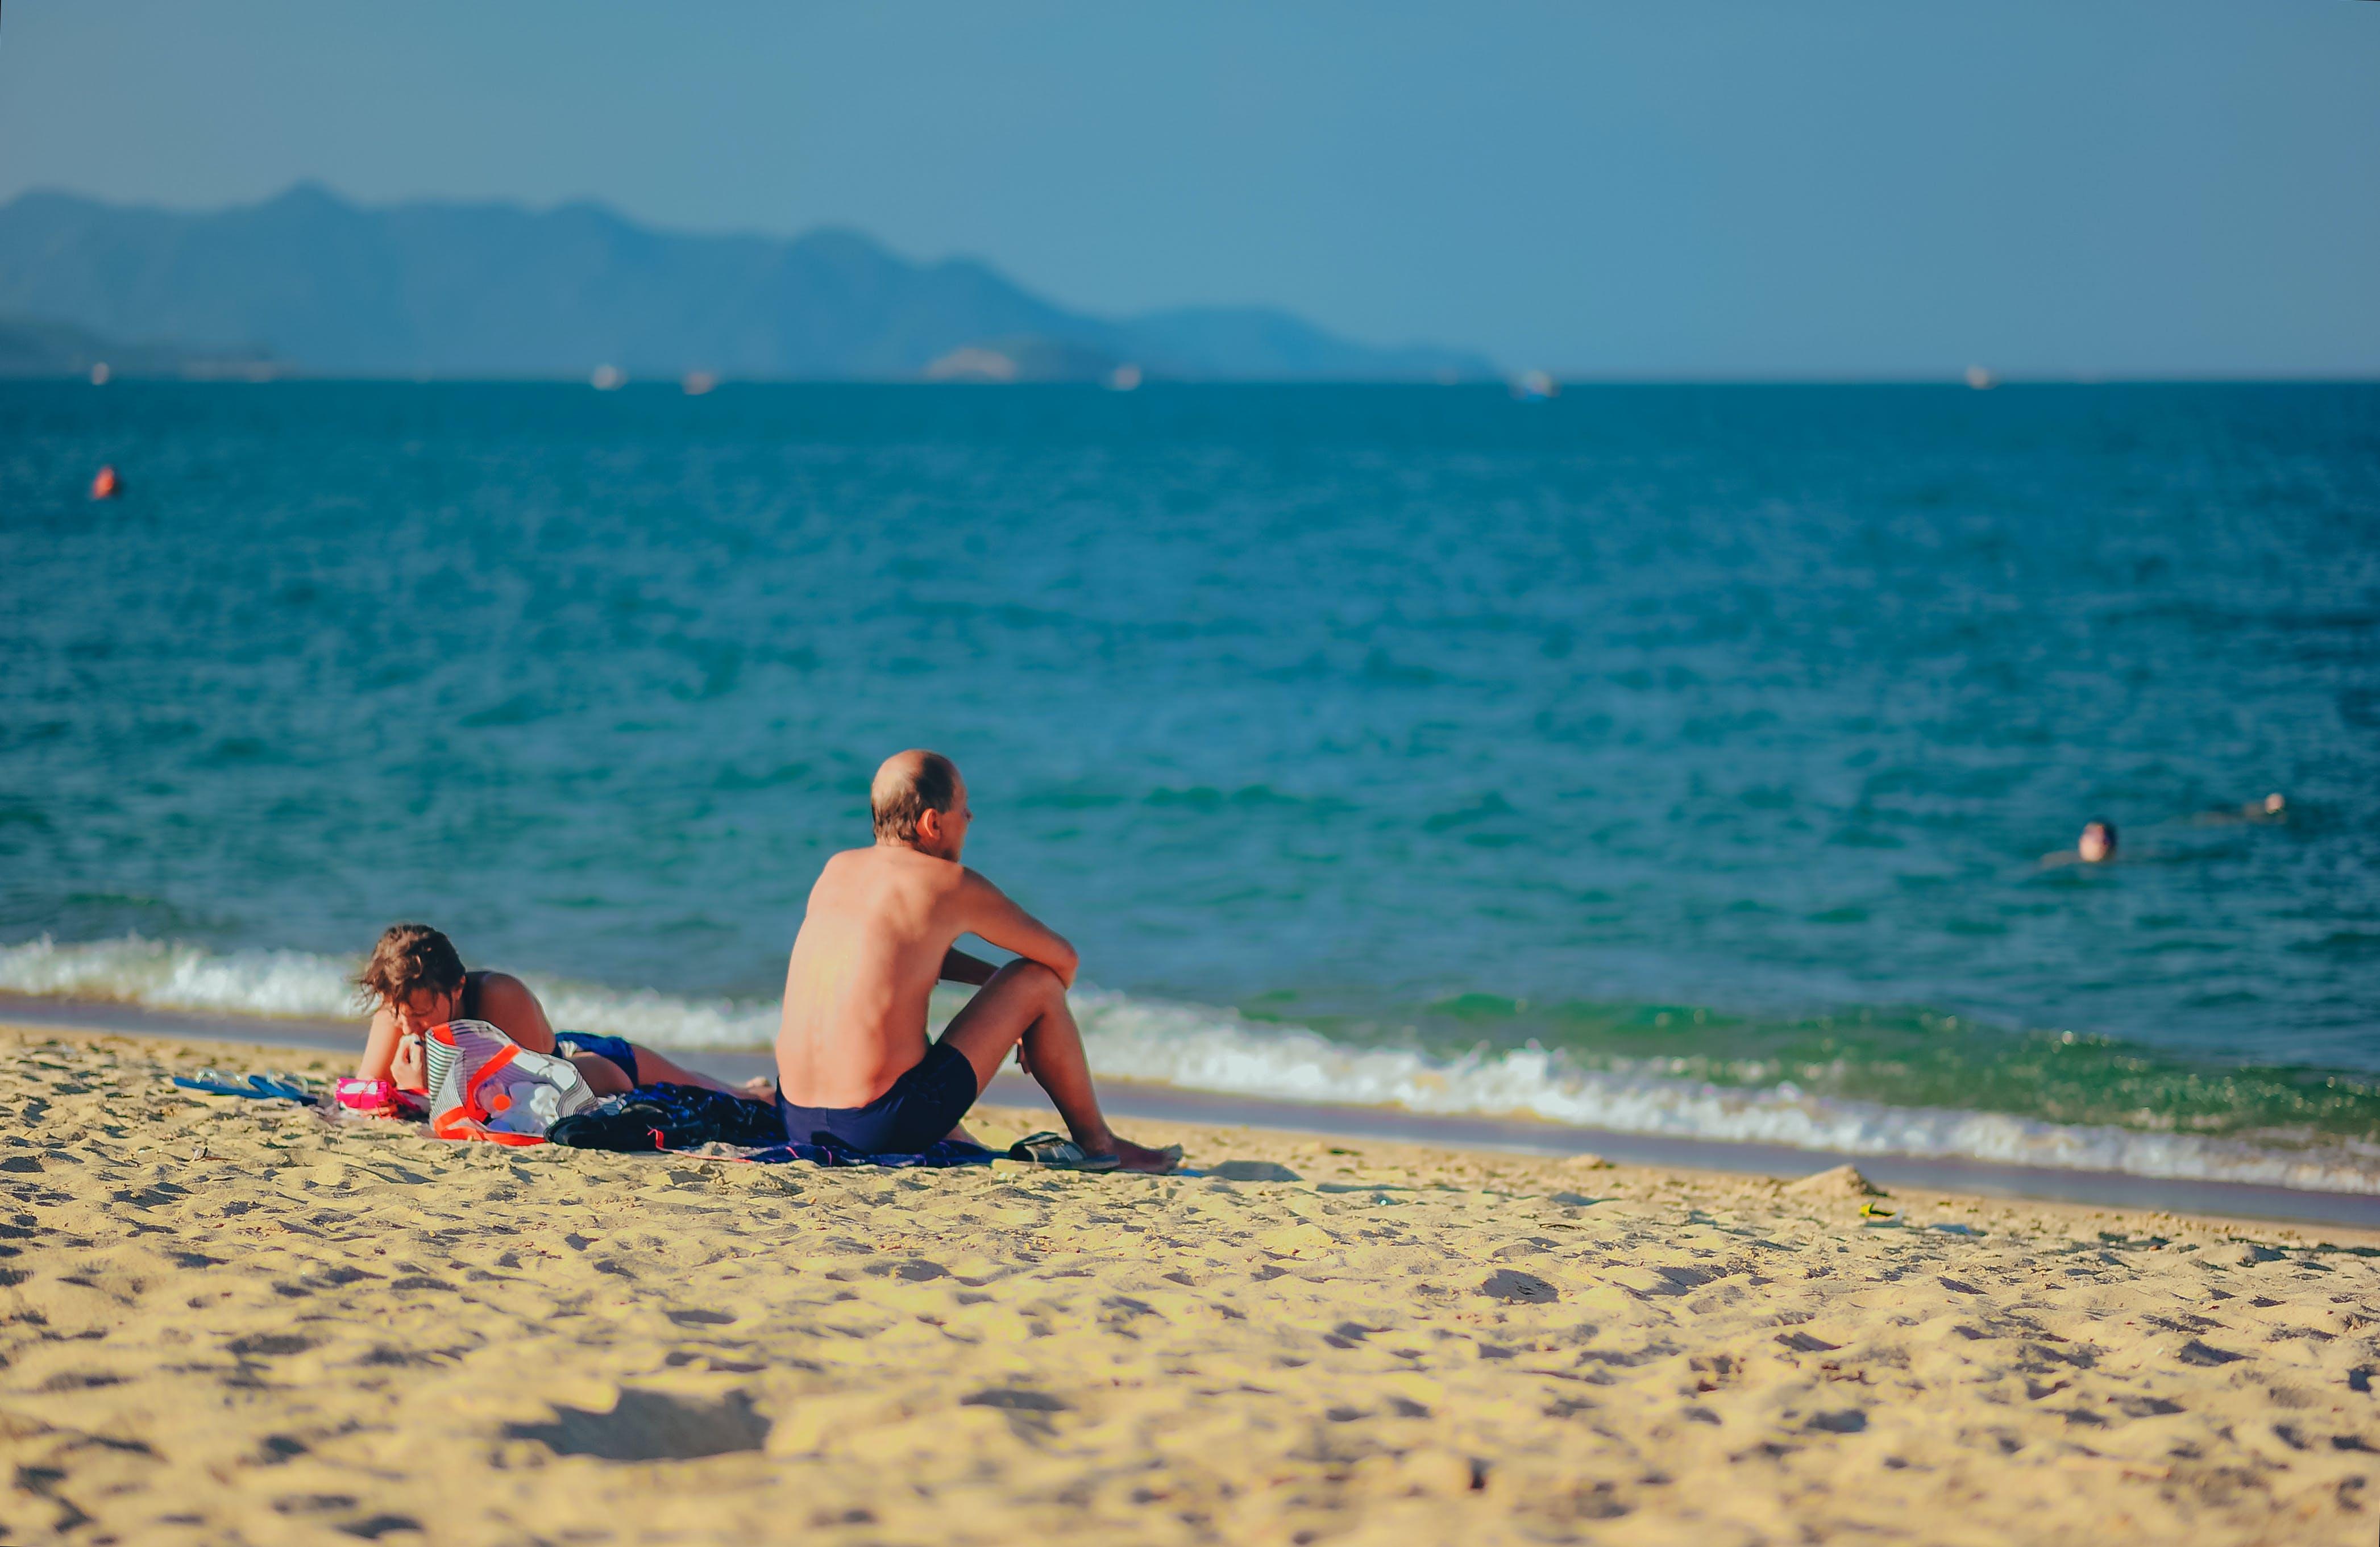 denní, dovolená, lidé